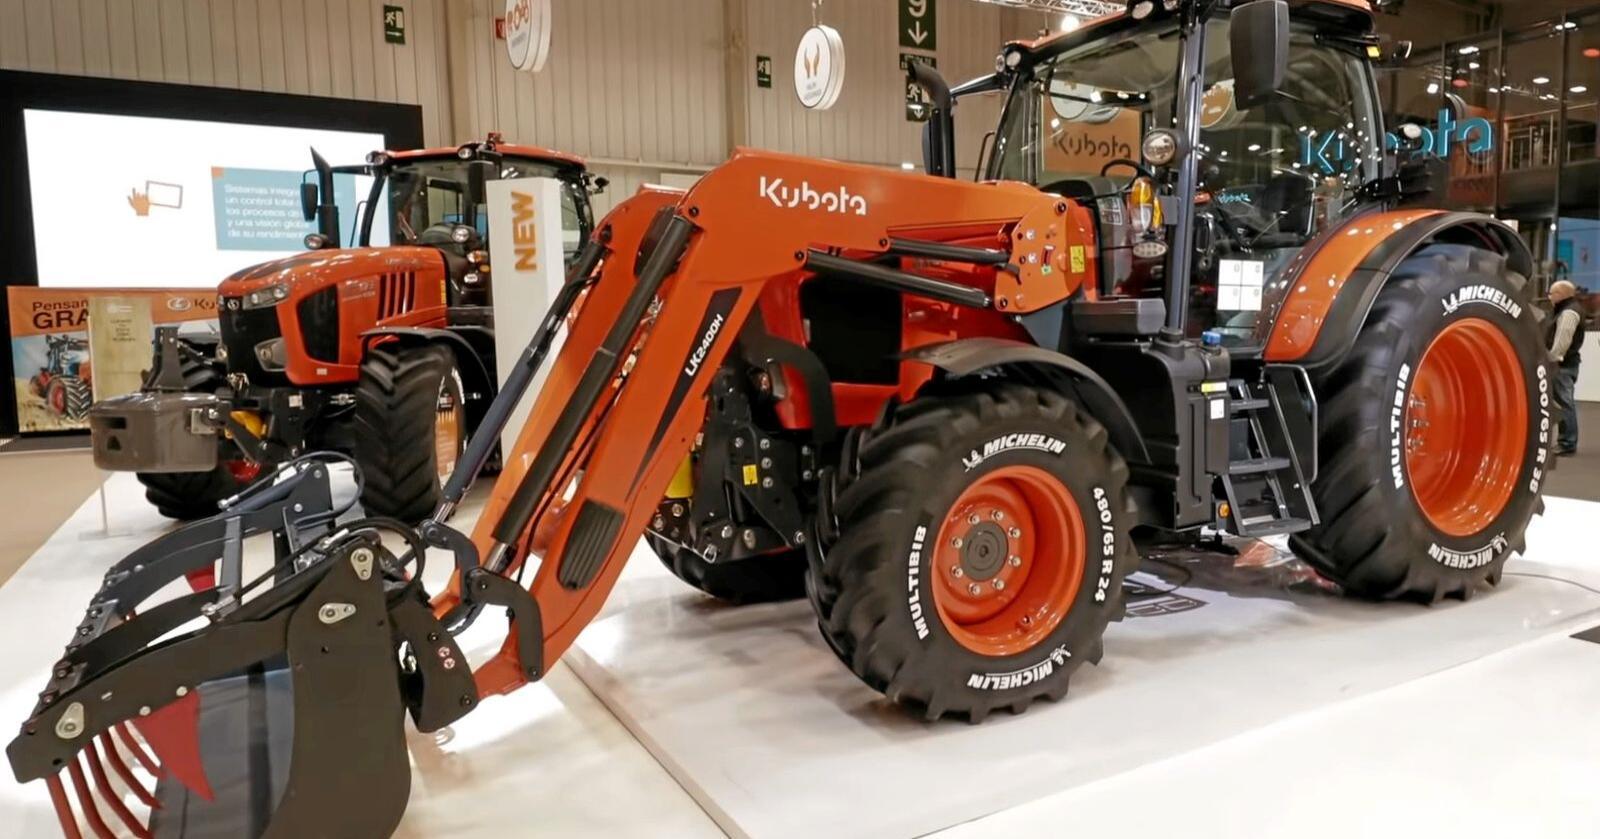 Helt siden 1890 har japanske Kubota drevet innovasjons- og produksjonsvirksomhet for landbruket. Siste nyhet på traktorfronten er den nye M6002 serien med effekt fra 121-141 hestekrefter. (Foto: Kubota)